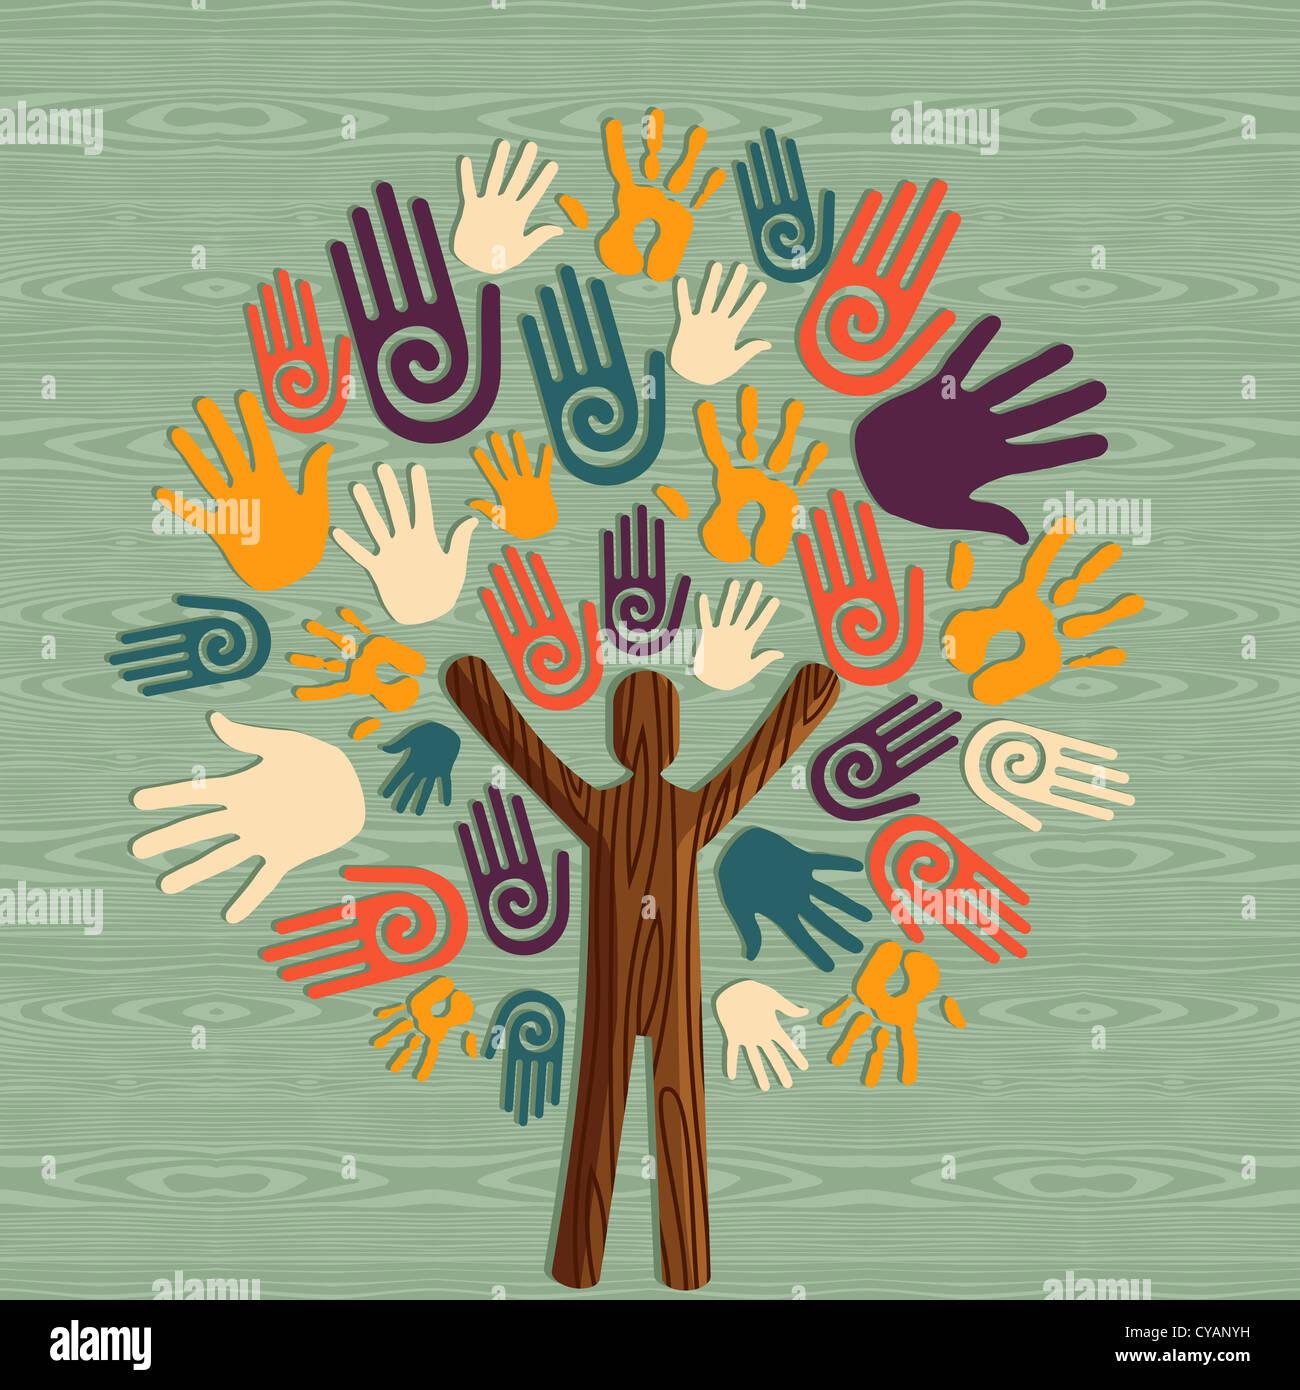 Diversità globale uomo come albero tronco mani illustrazione. File vettoriale stratificata per una facile manipolazione Immagini Stock